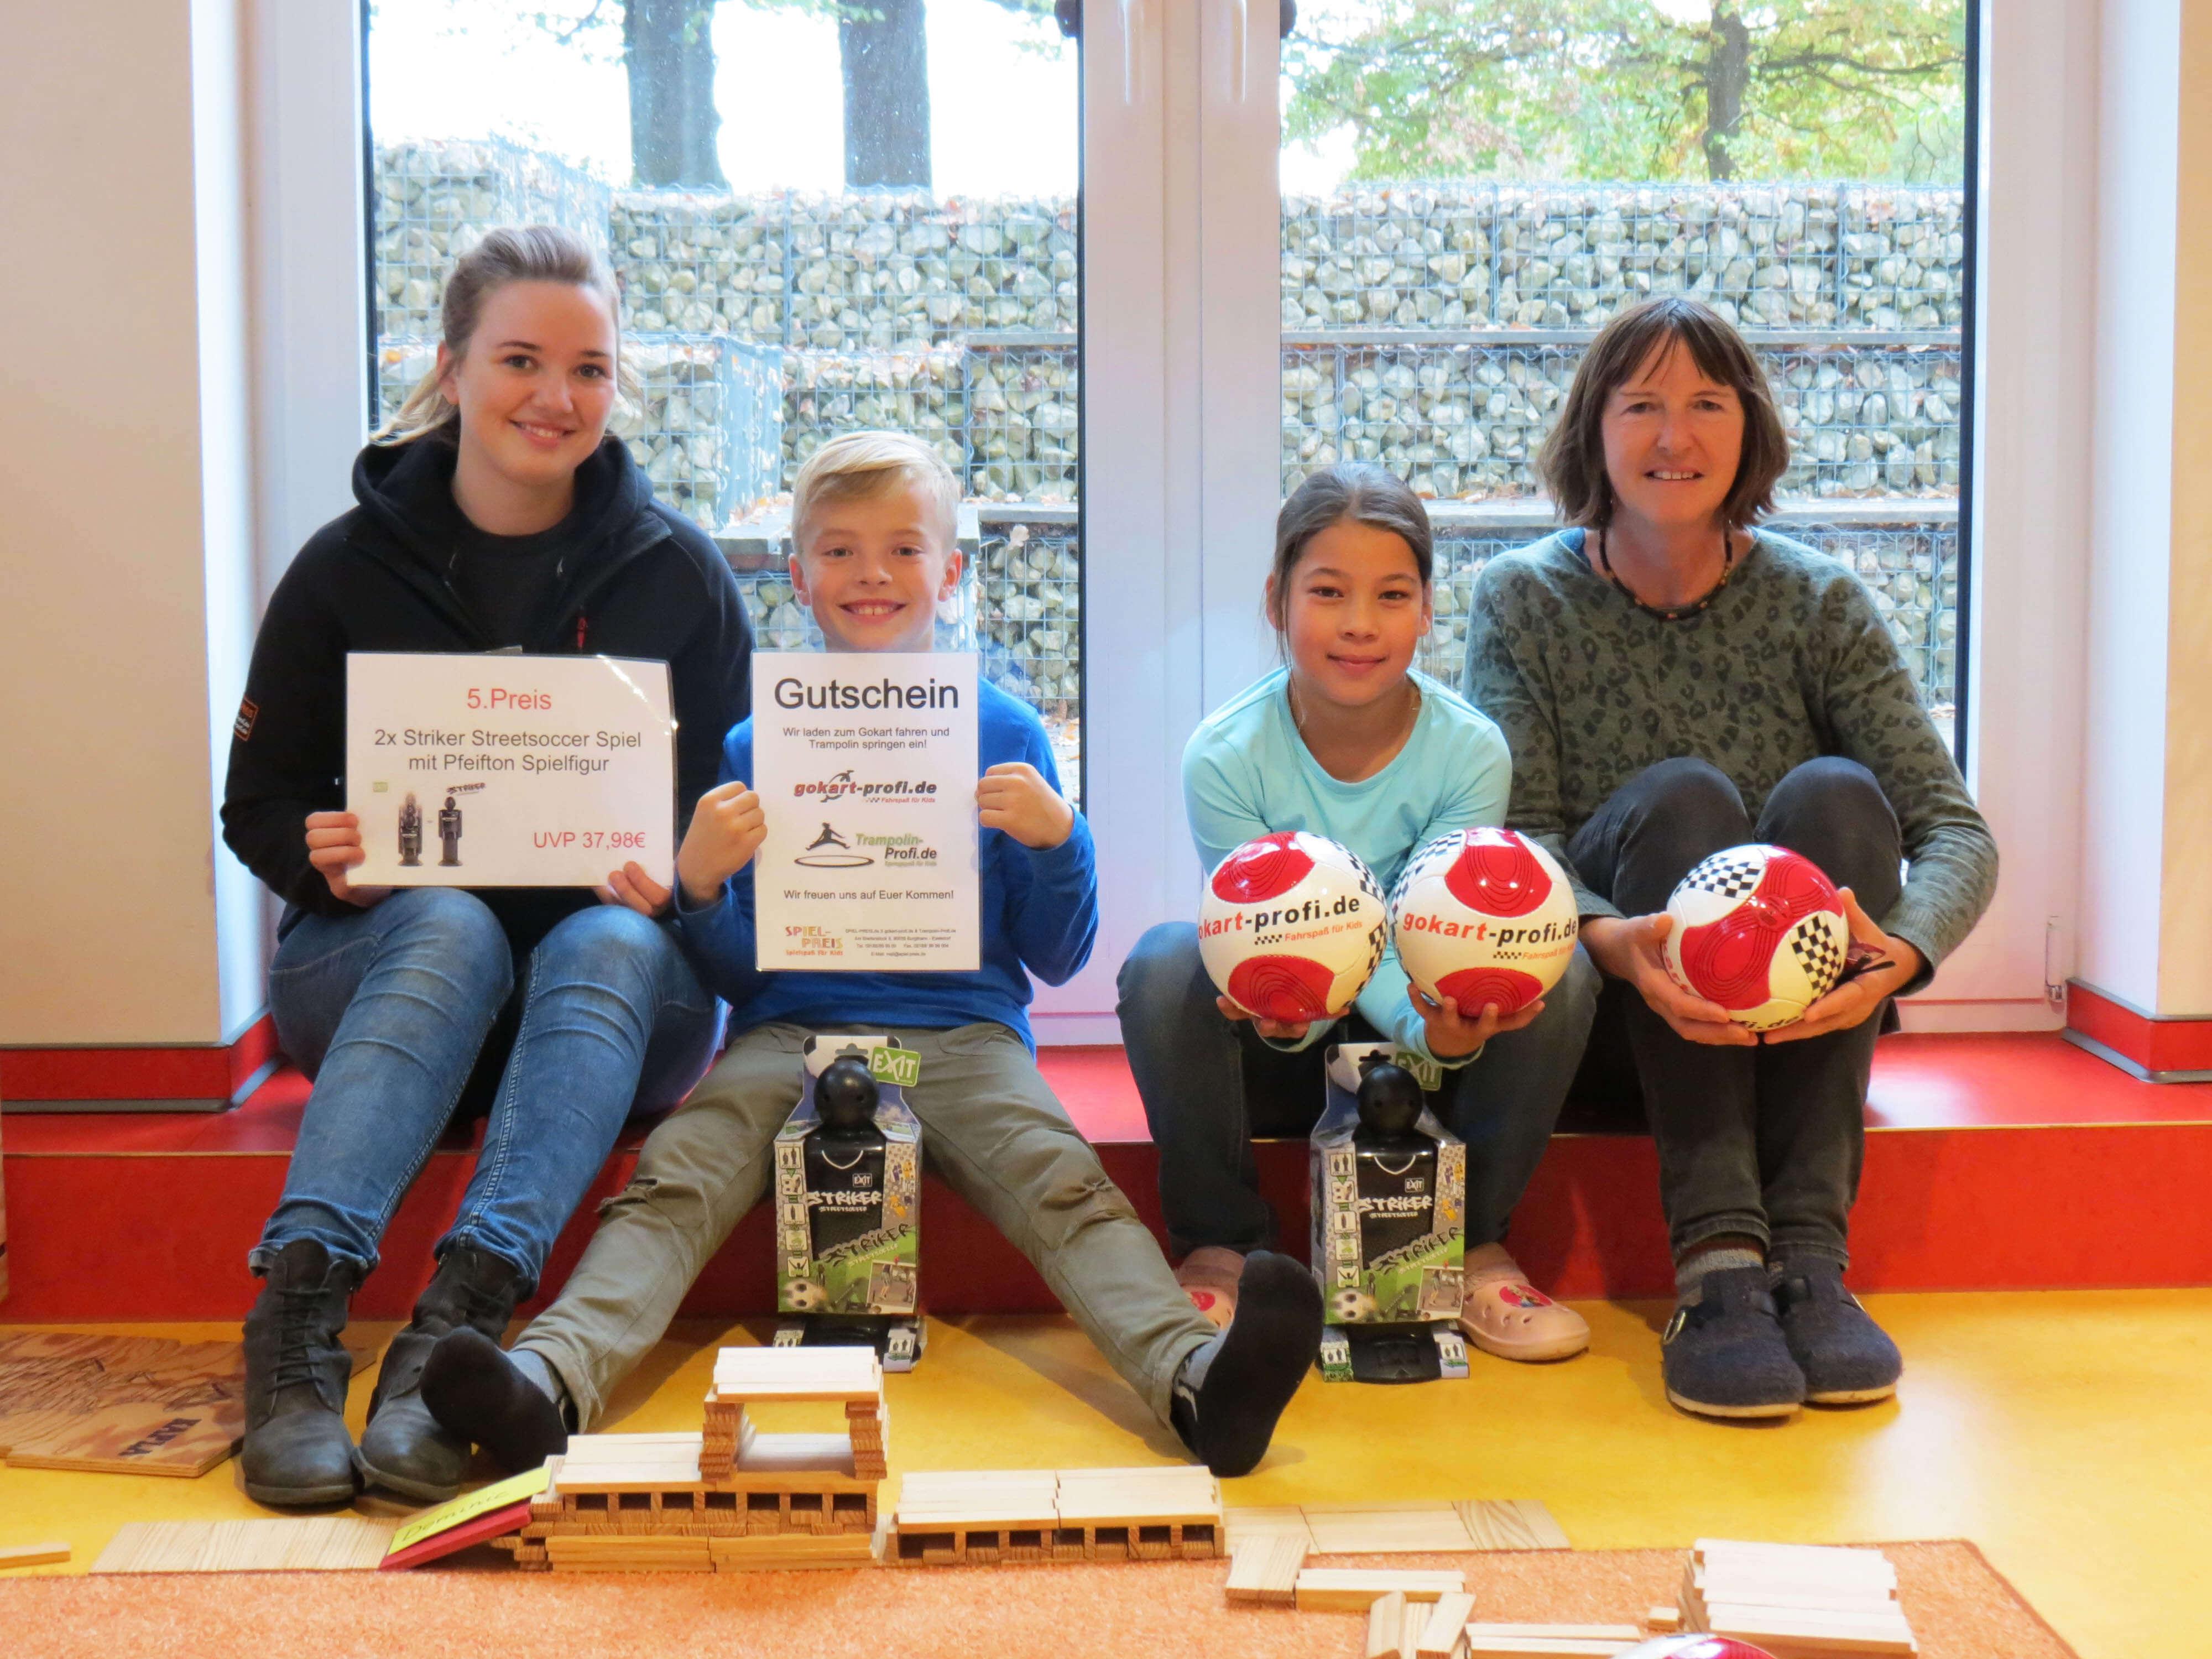 Hort in Ezelsdorf: Gokart Profi überreicht Gewinnspiel-Preise